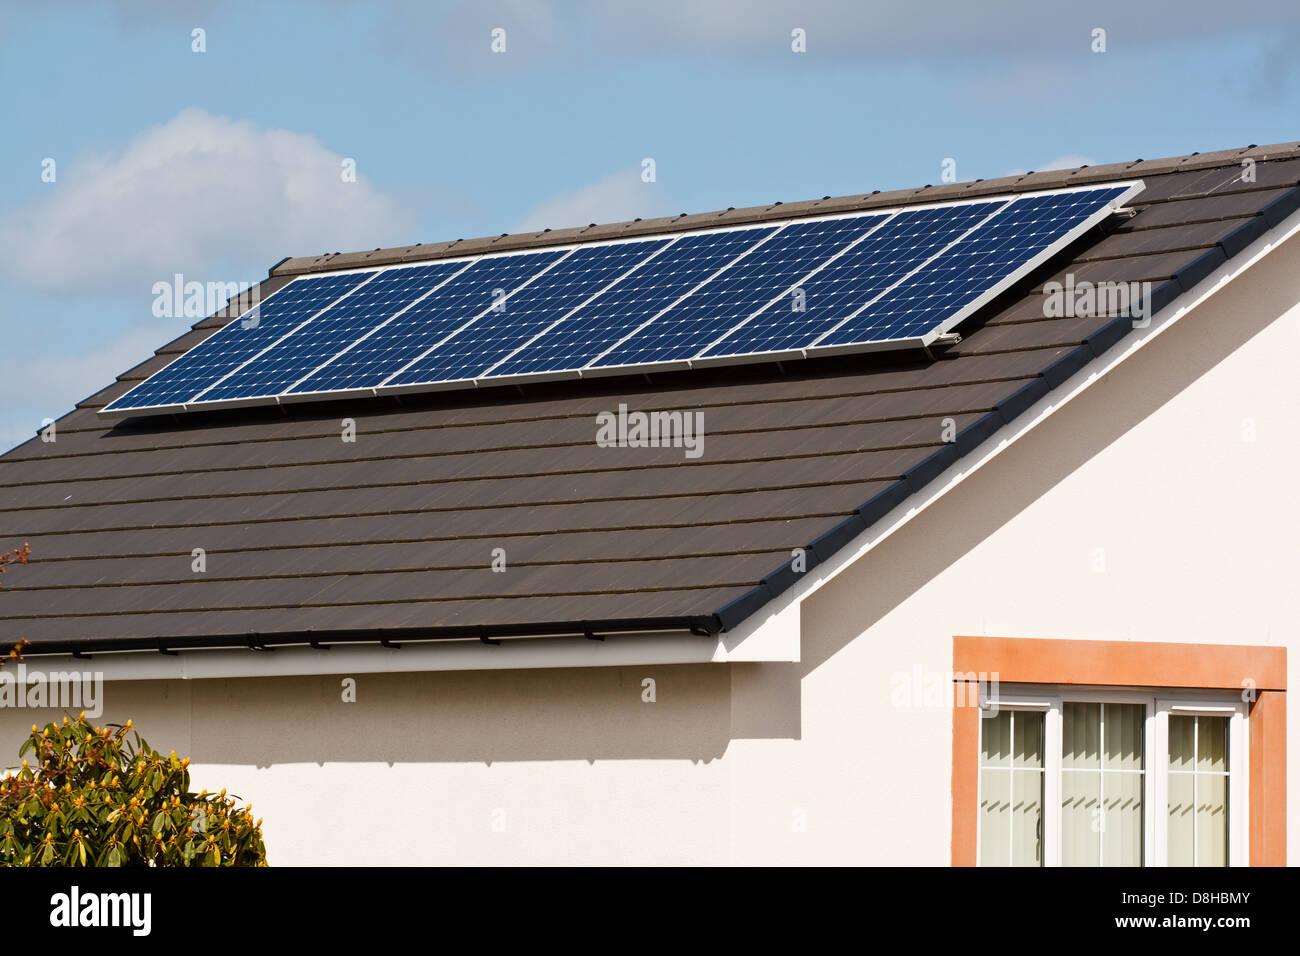 Los paneles solares fotovoltaicos, montados sobre un nuevo techo de tejas de una casa moderna Imagen De Stock